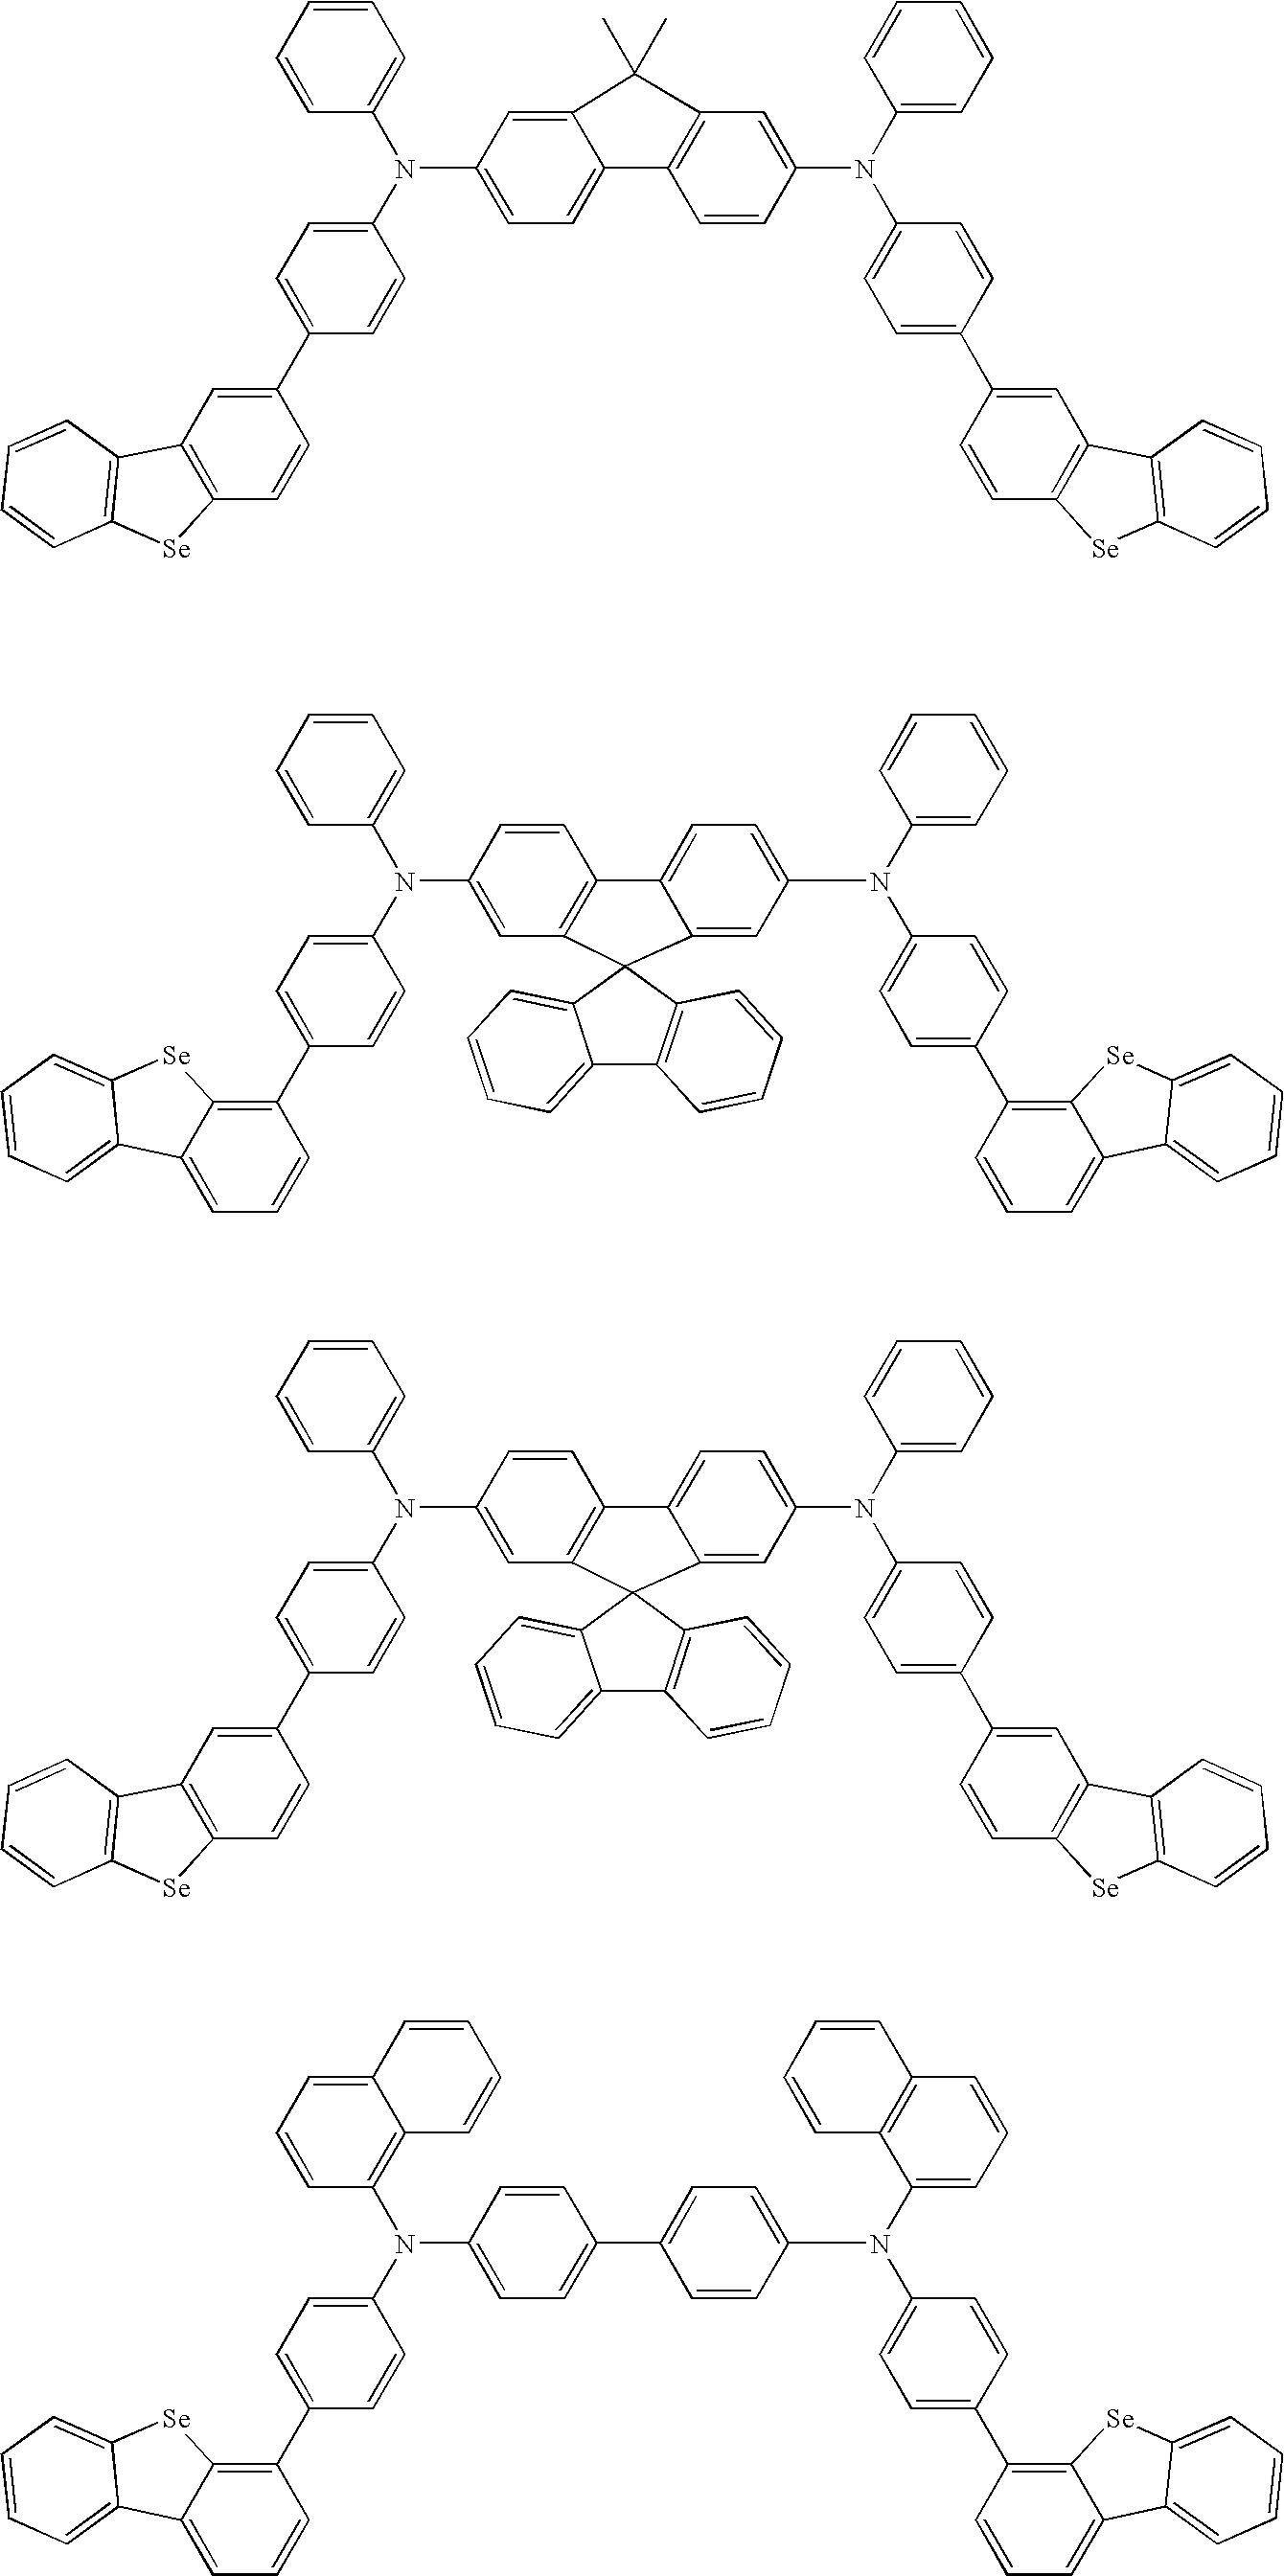 Figure US20100072887A1-20100325-C00206